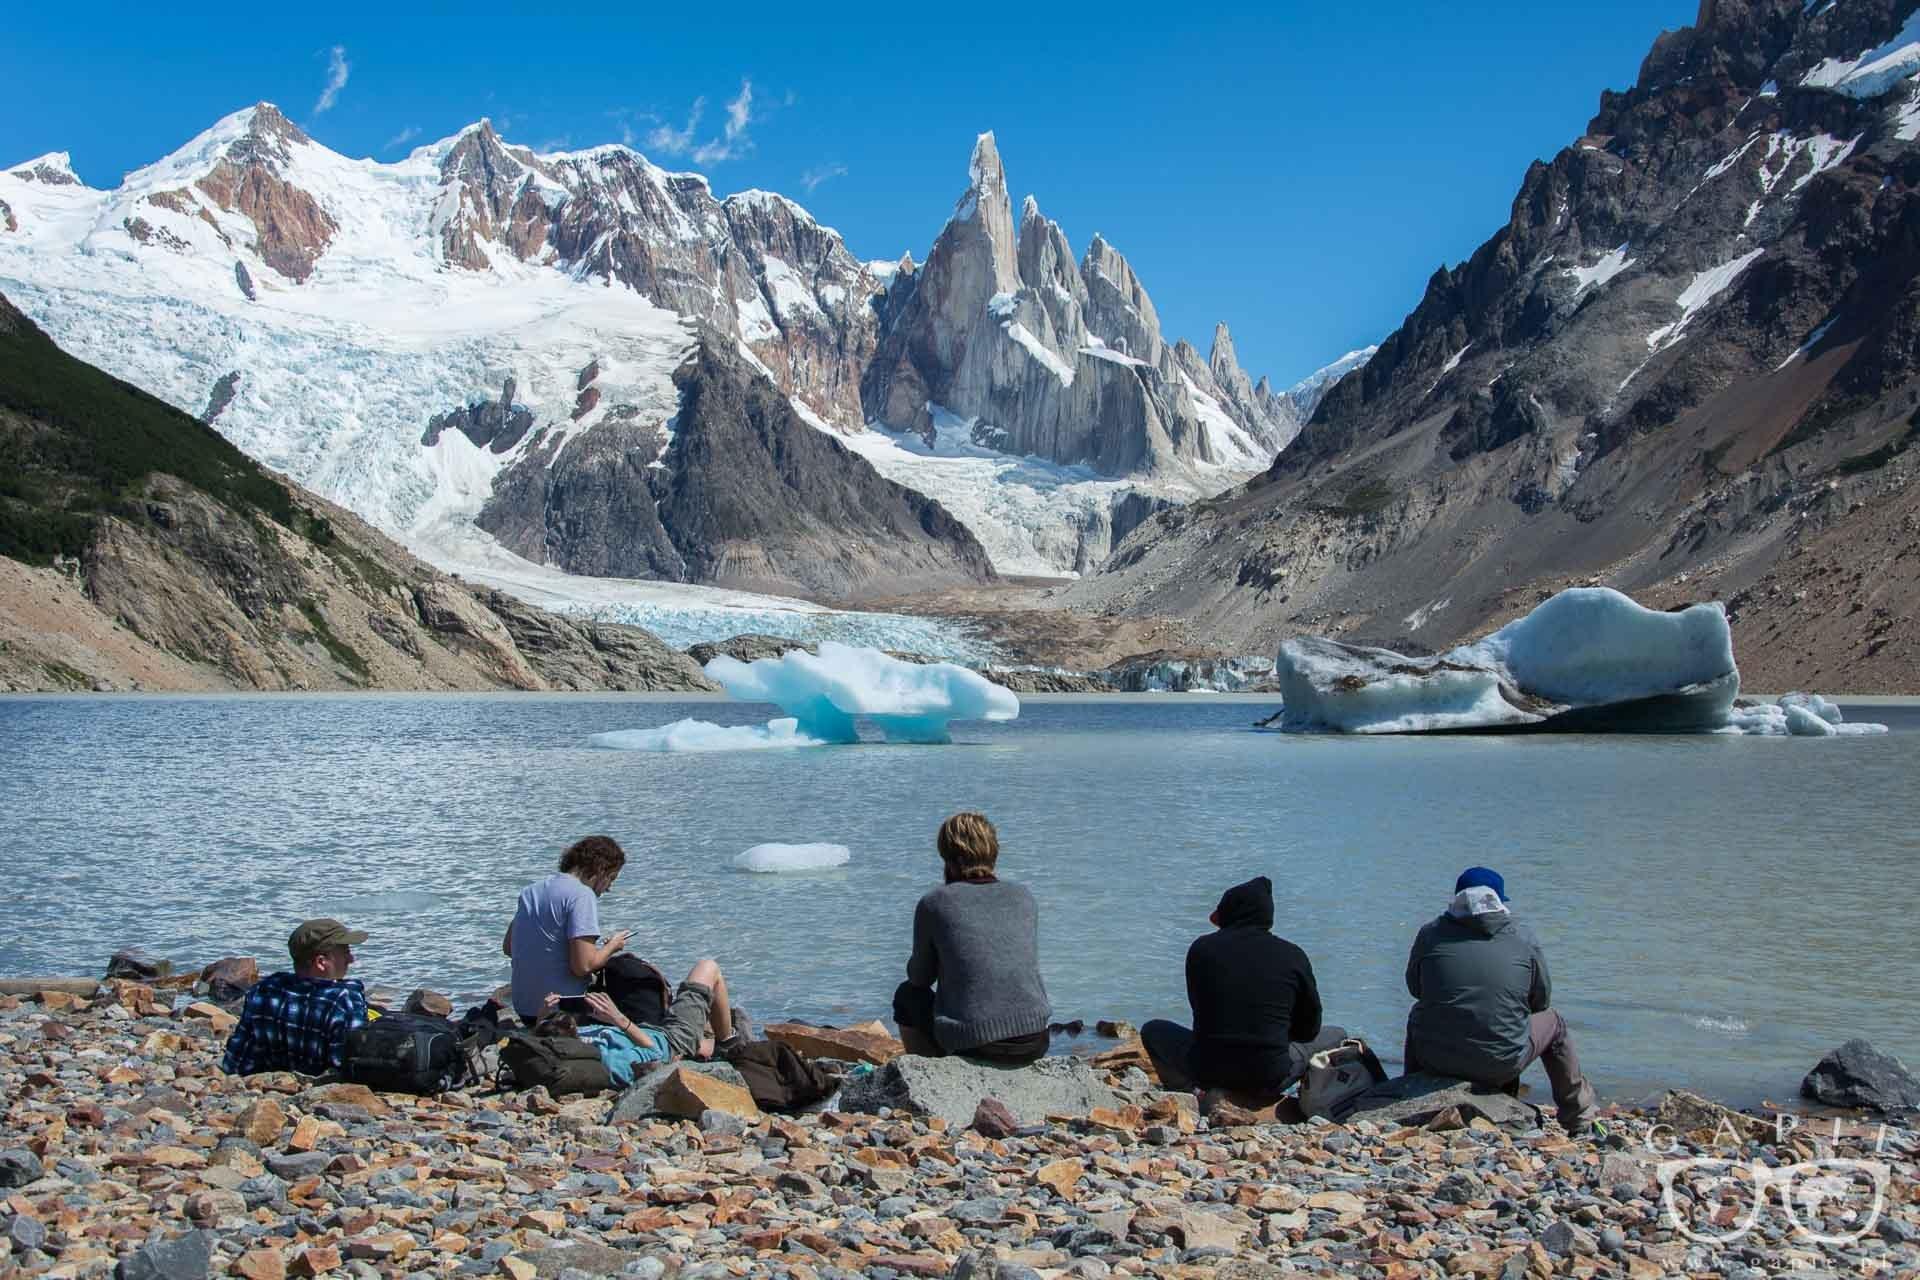 Laguna Torre, Argentyna, więcej zdjęć z Patagonii: http://gapienamape.pl/galeria/patagonia/